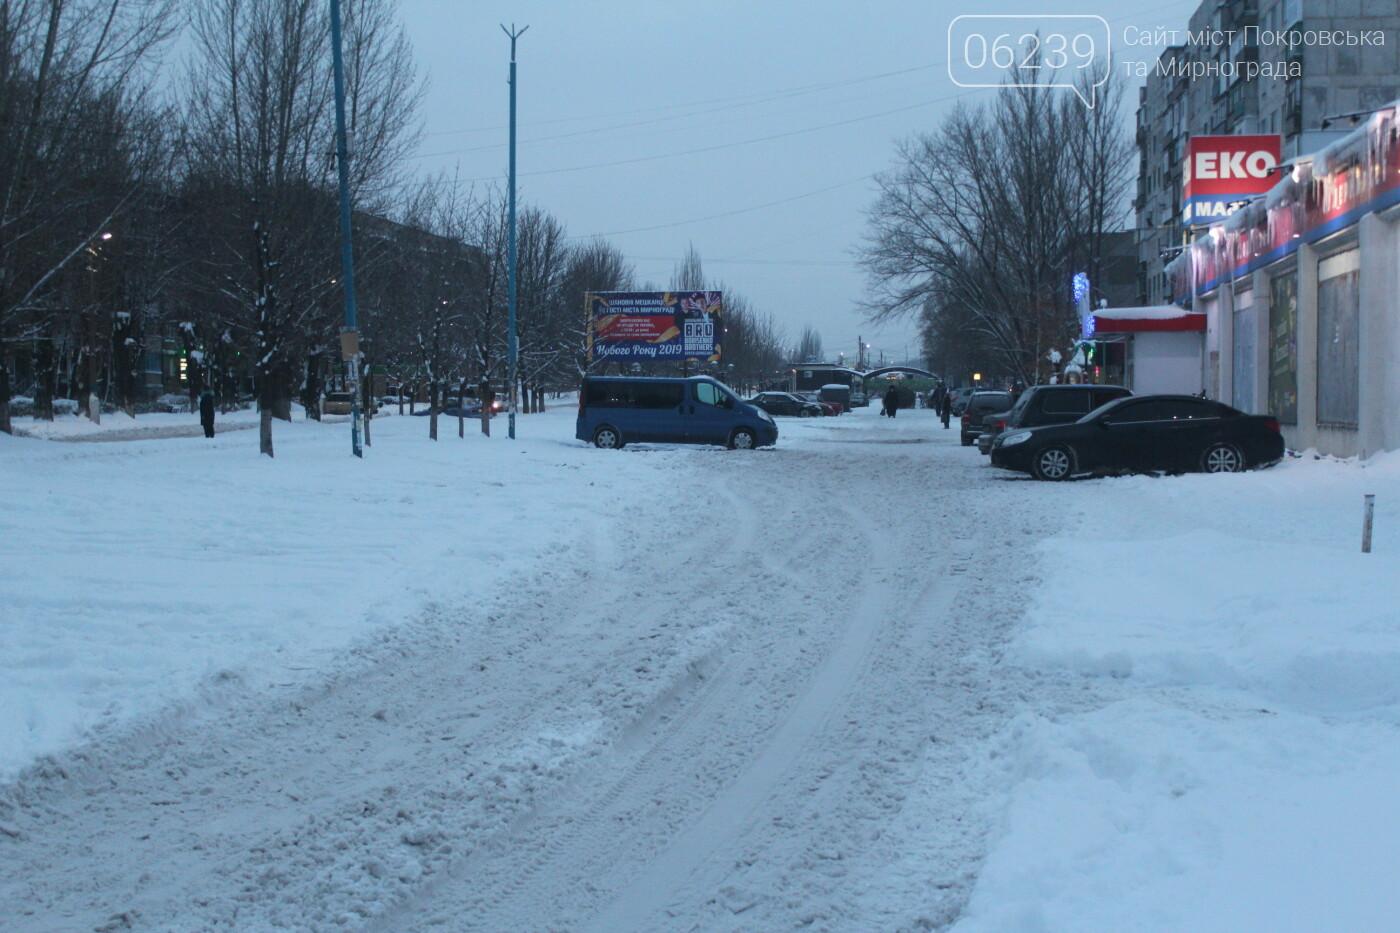 Ухудшение погодных условий: готов ли заснеженный Мирноград к непогоде? , фото-4